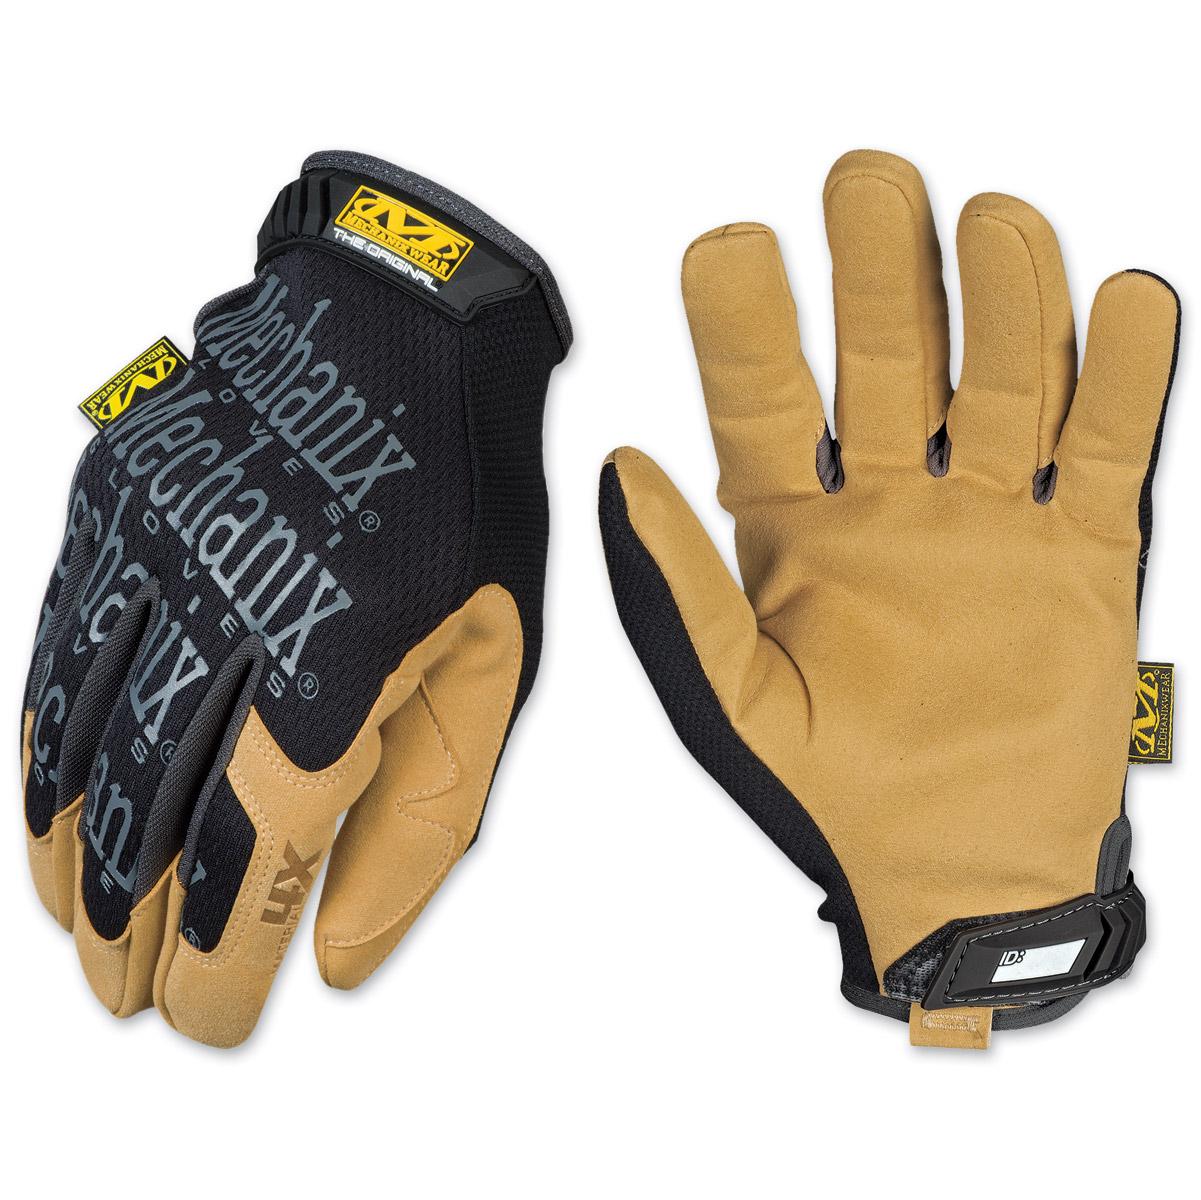 Mechanix Wear 4X Original Series Tan/Black Glove